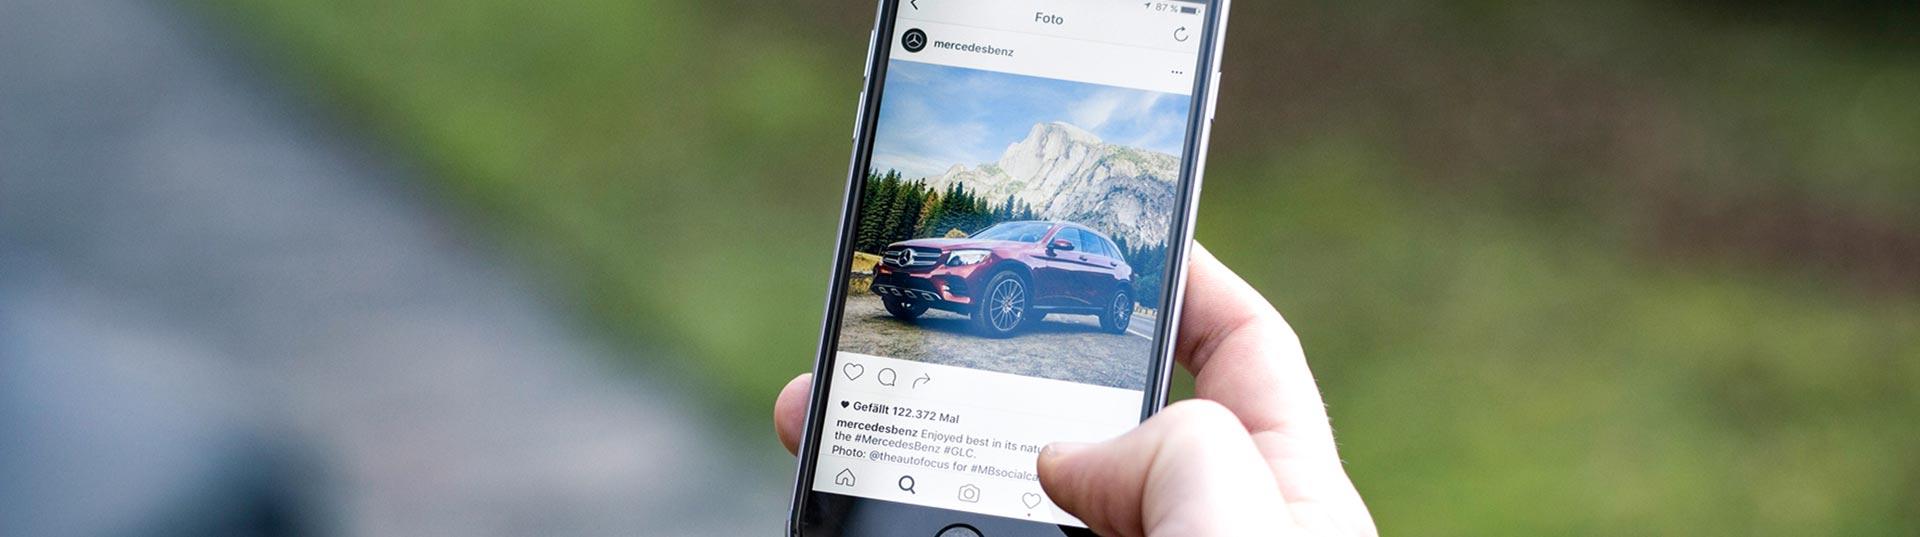 Mercedes nas redes sociais